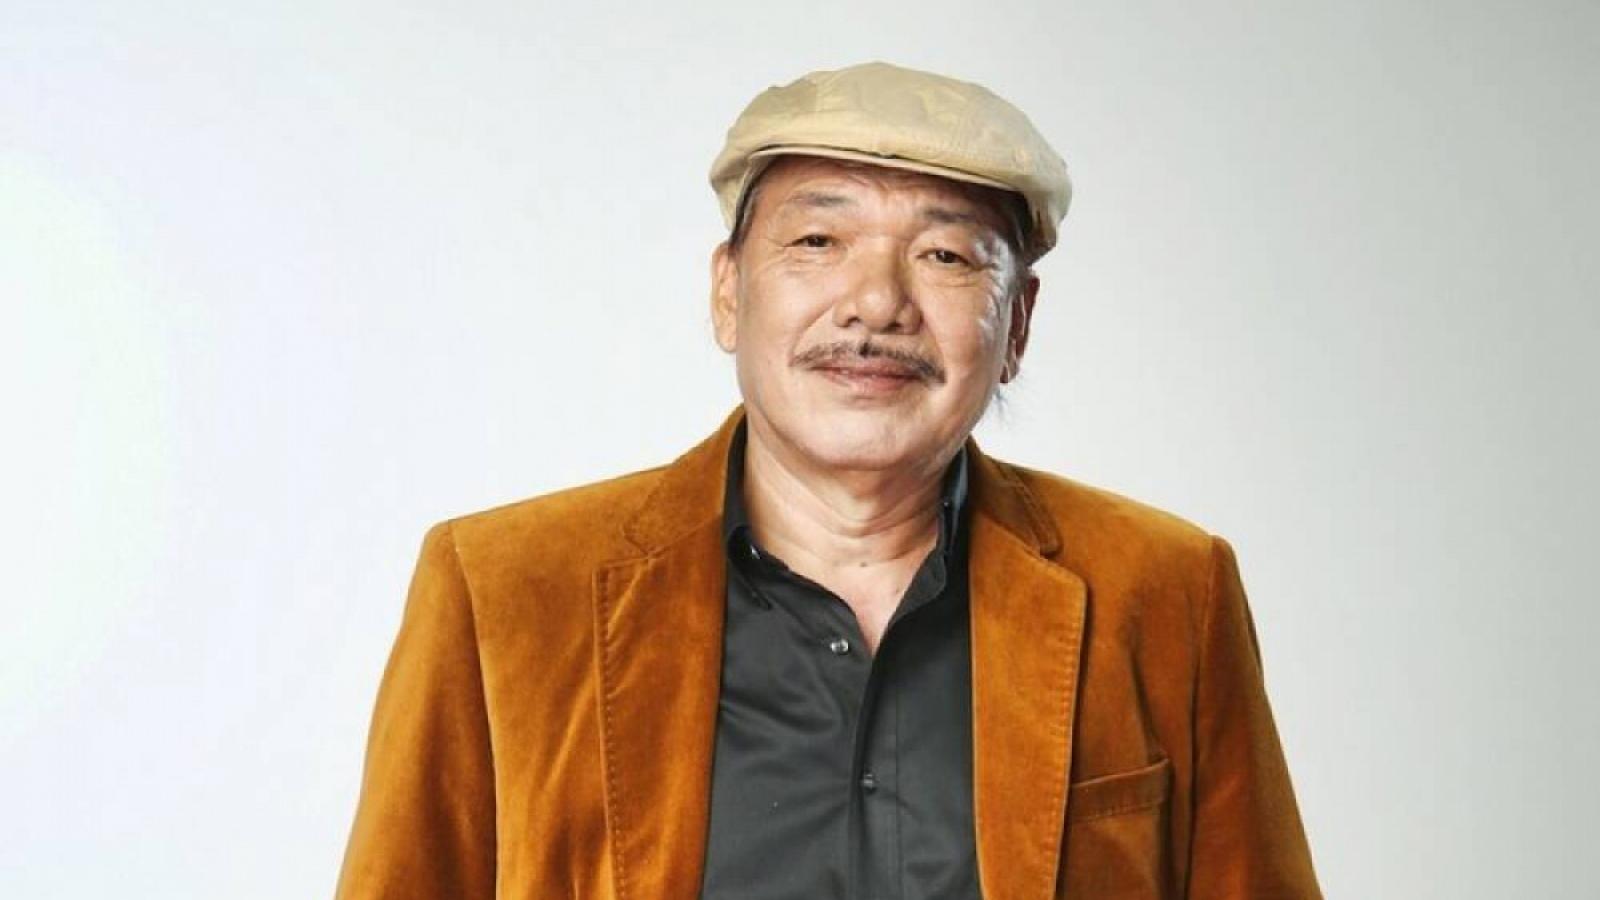 Ca sĩ Trần Thu Hà thông tin về sức khỏe nhạc sĩ Trần Tiến